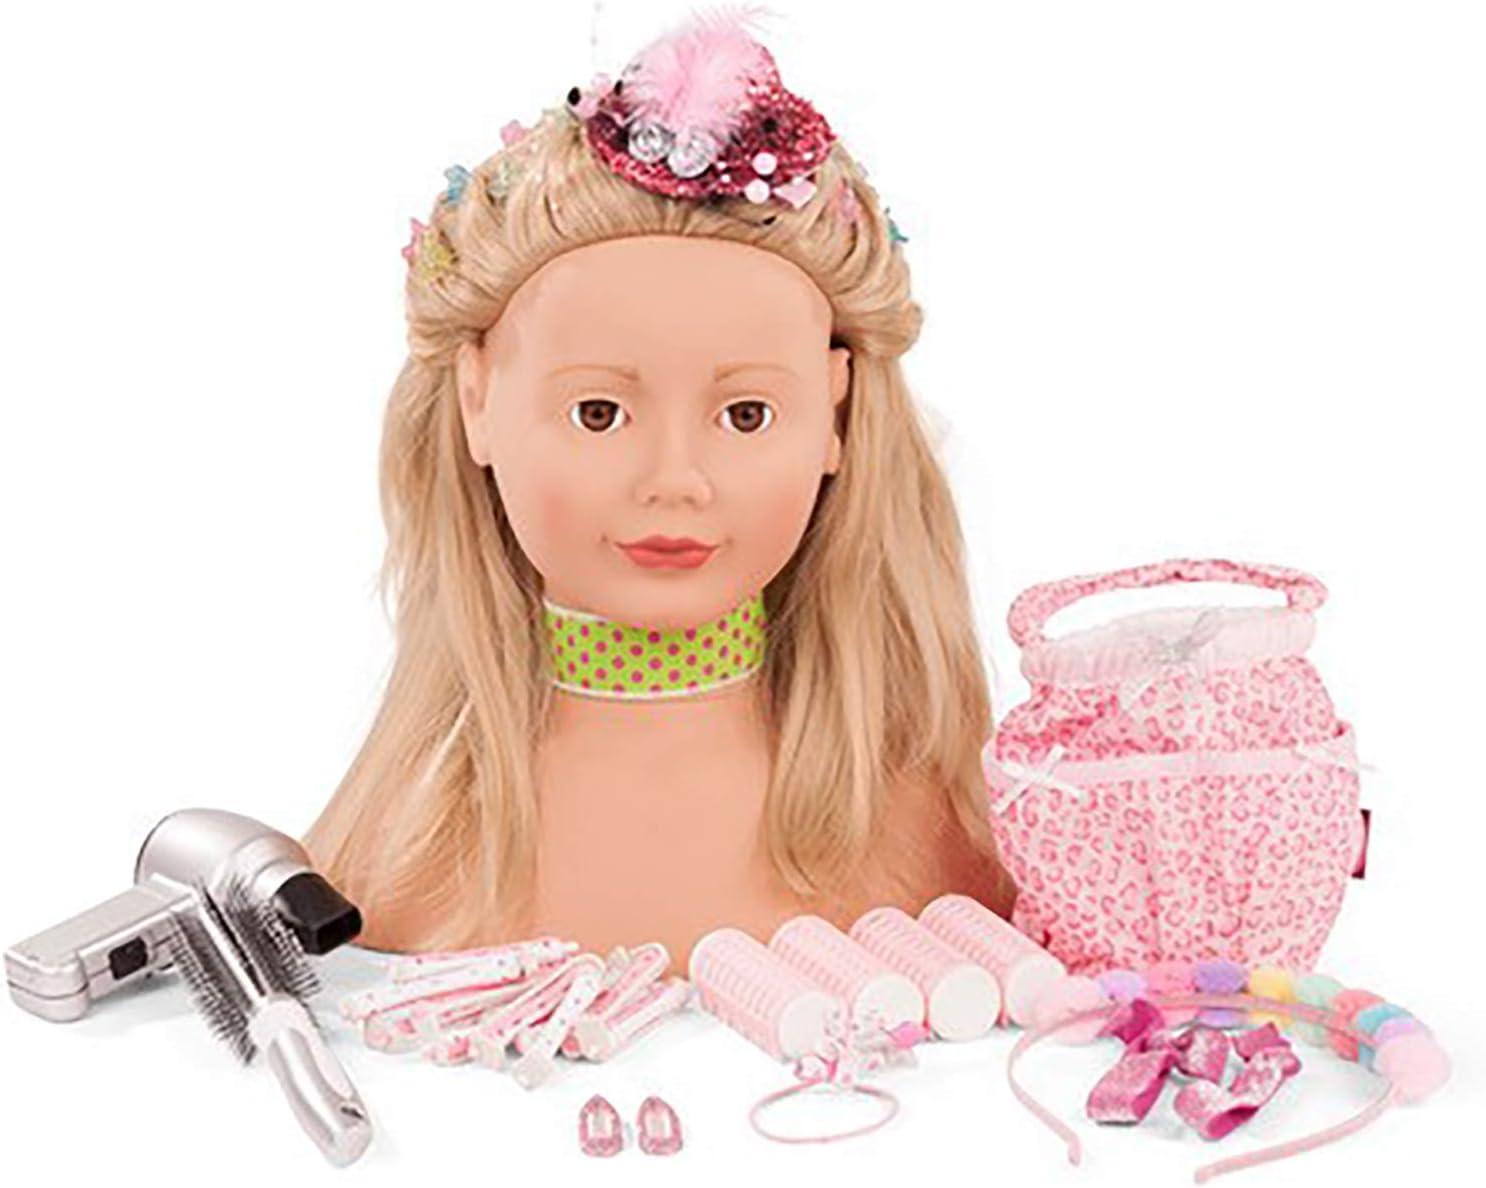 Gotz 1792055 Peluquín Lollipop con Pelo Rubio y Ojos Marrones - 28 cm Alta Cabezal de Maquillaje / Cabezal de Vestir - Juego de 50 Piezas - Adecuado para niñas a Partir de 3 años